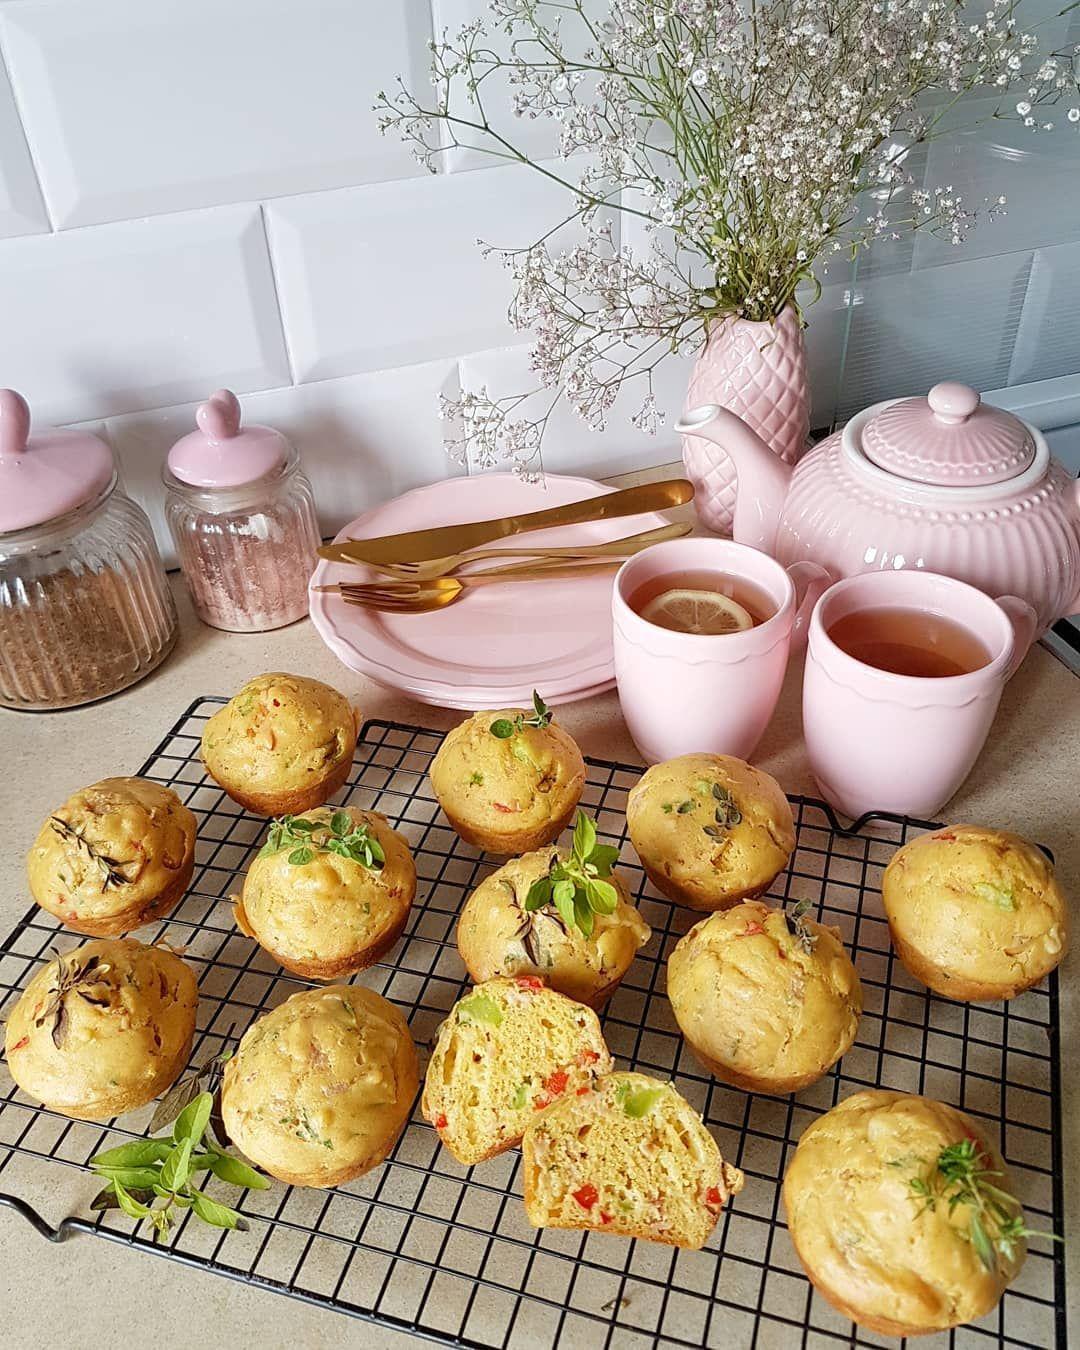 Polubienia 507 Komentarze 18 Kuchnia Domowa Beaty Debica Ataeb7 Na Instagramie Sobota Dzien Dobry Mialam Dluzej Dzis Sp Food Breakfast Muffin